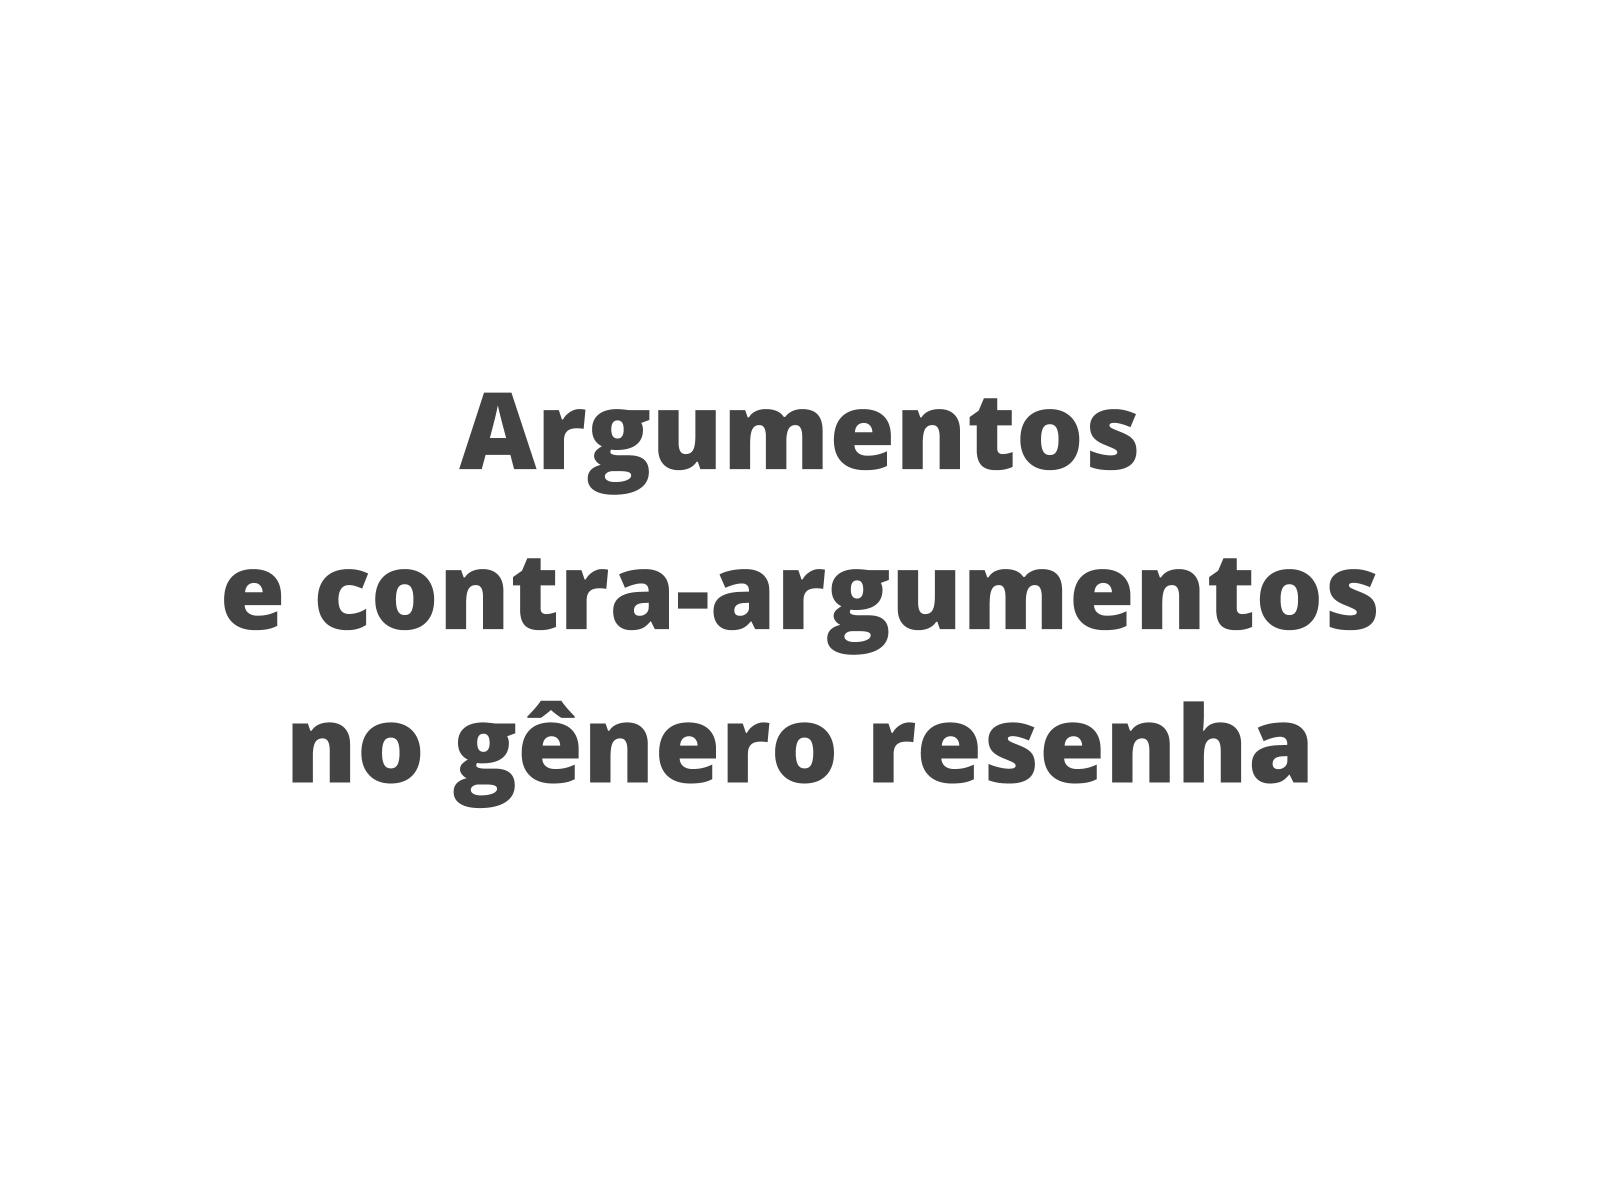 Argumentos e contra-argumentos no gênero resenha